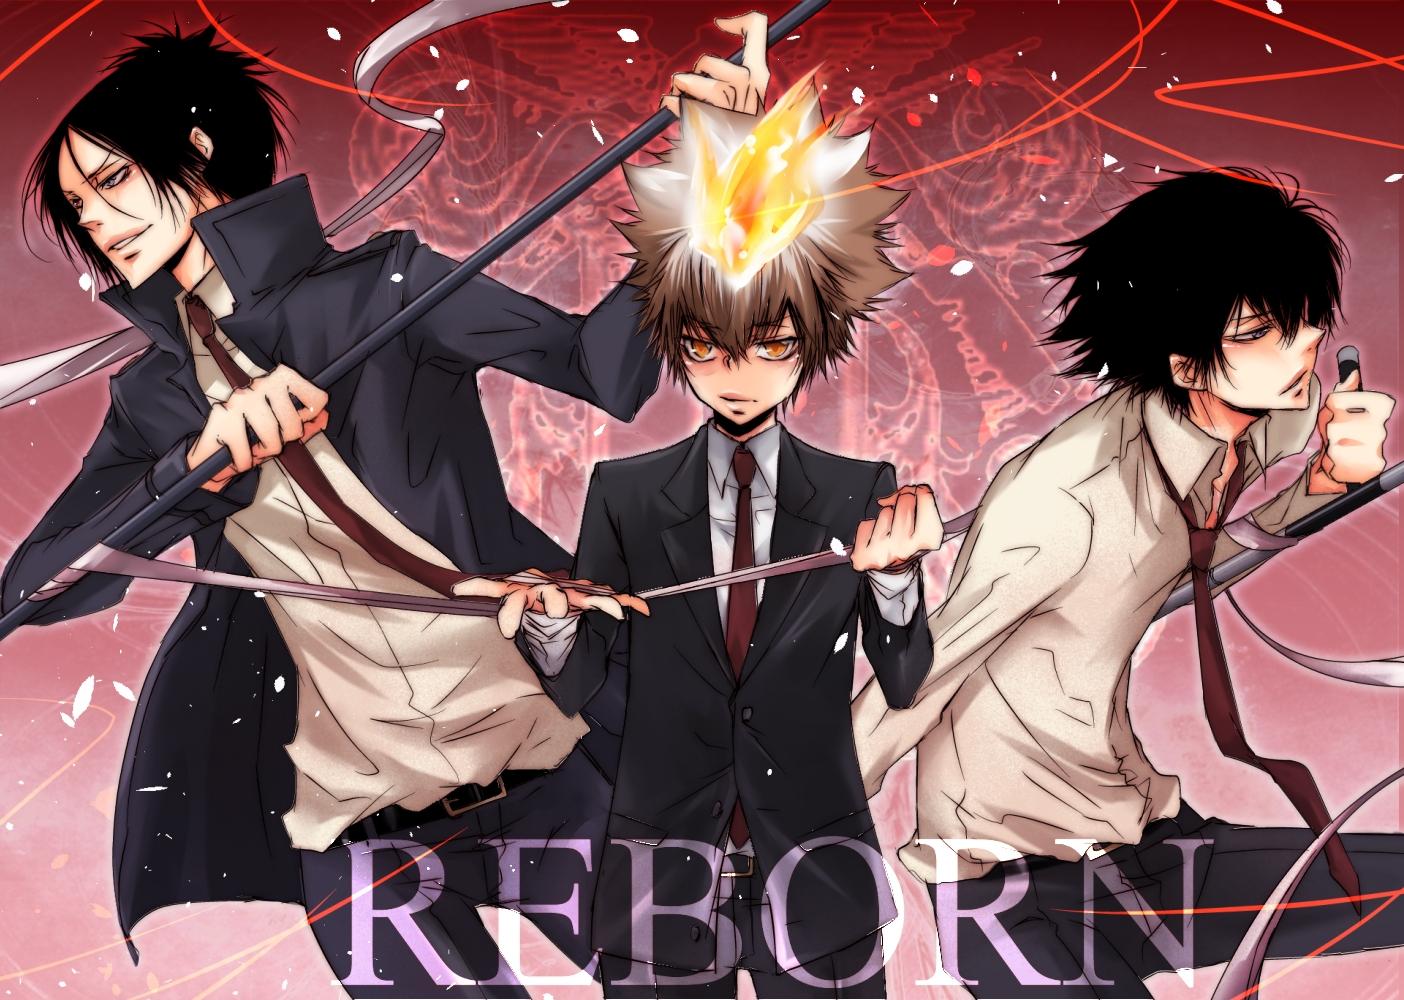 katekyo hitman reborn HD Wallpaper   Anime Manga 996018 1404x1000